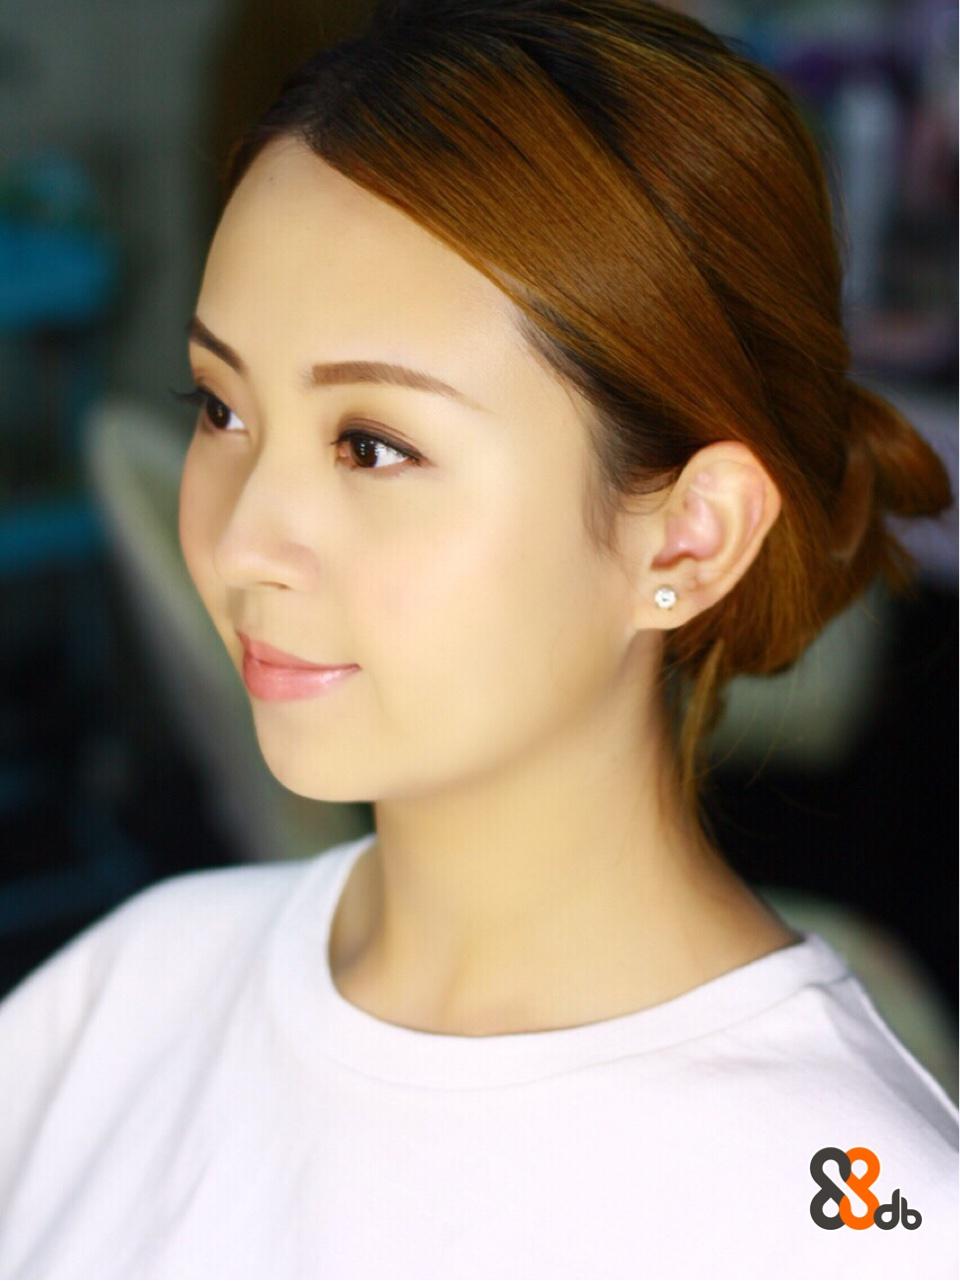 hair,eyebrow,face,chin,human hair color